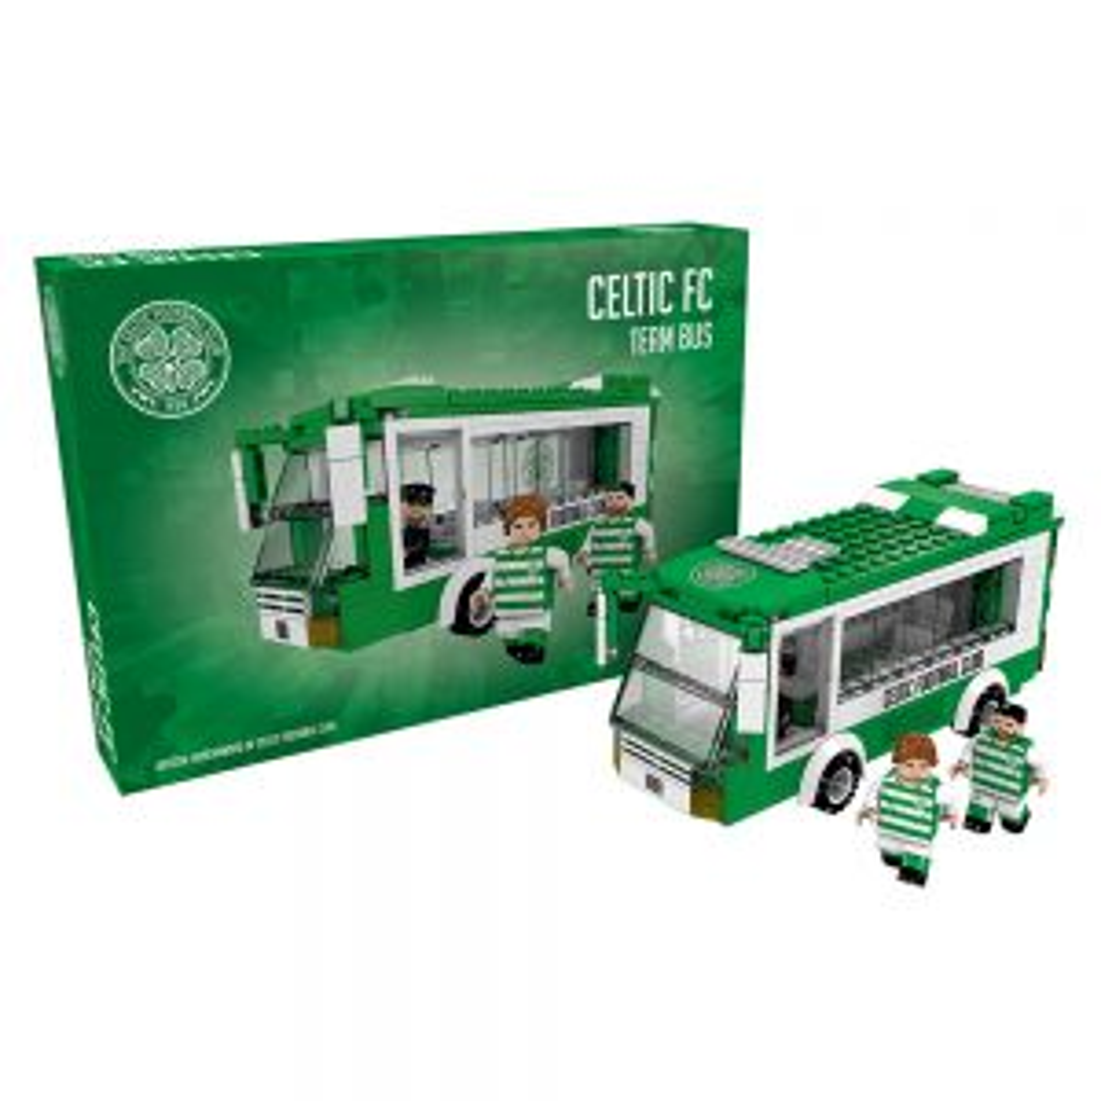 Celtic Bricks Team Bus